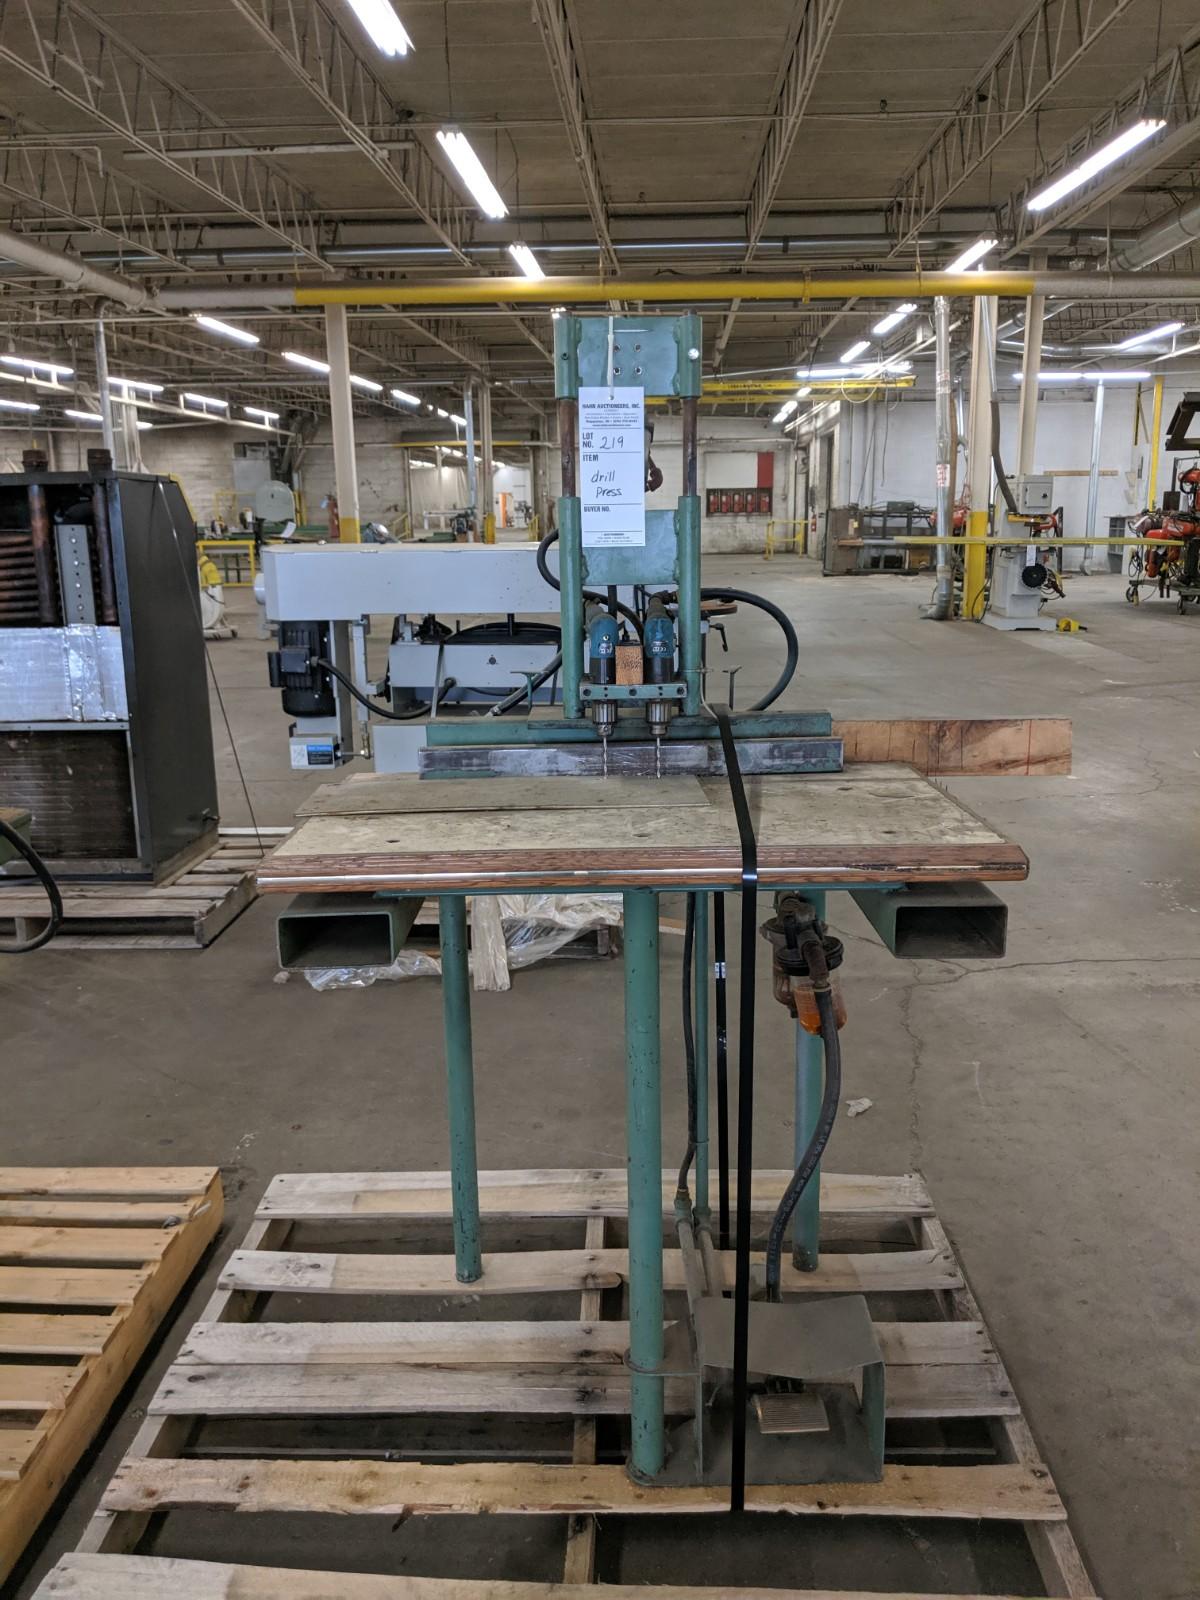 Lot 219 - Pneumatic Drill Press